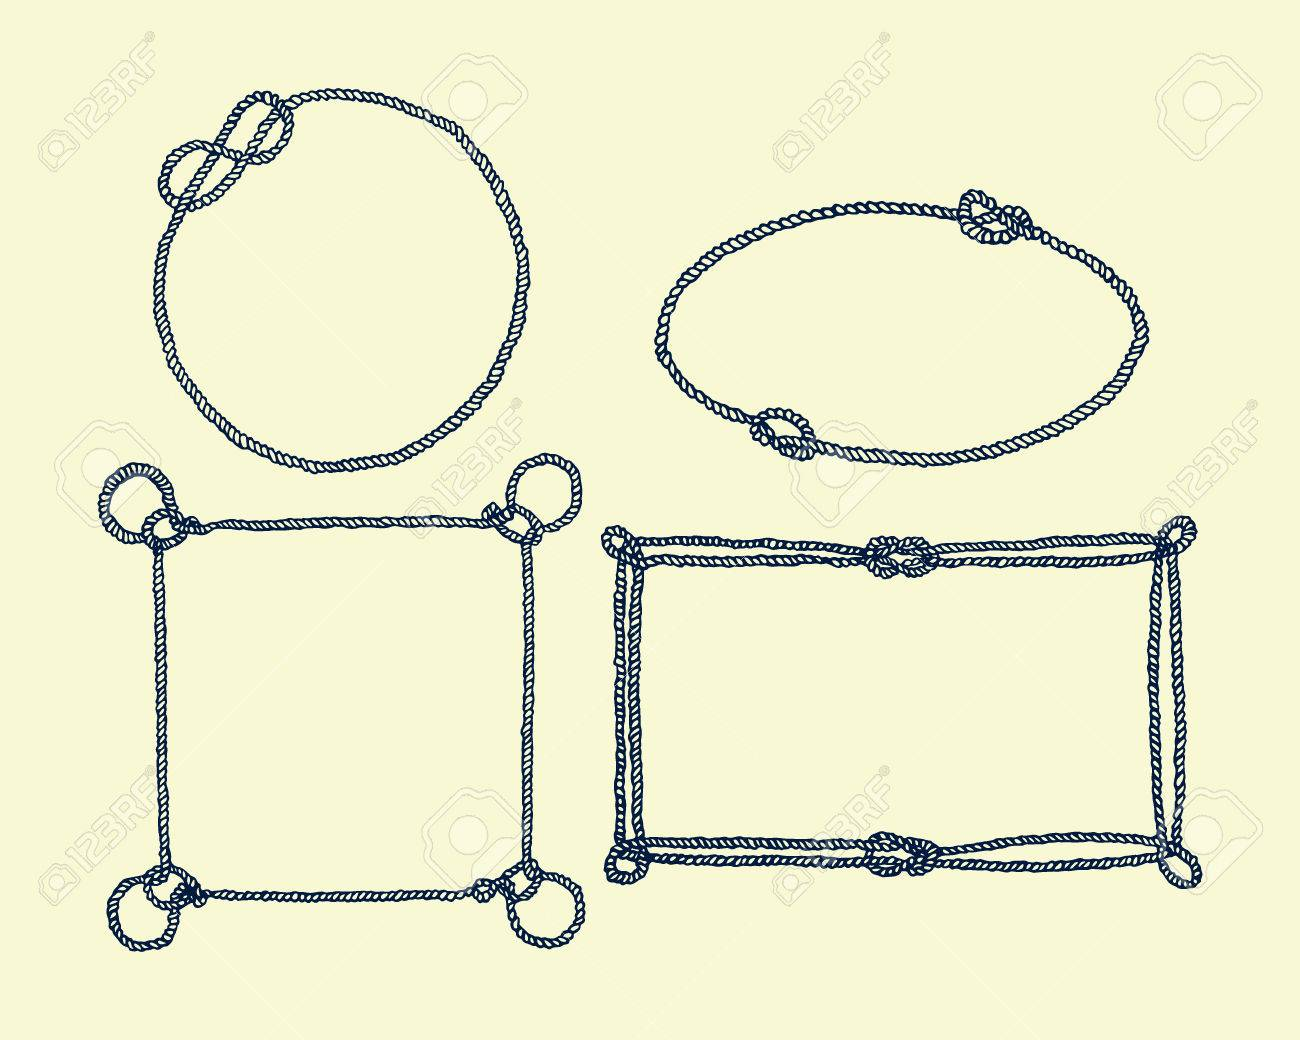 Vektor-Grafik-Set Von Hand Gezeichneten Rahmen Von Seil. Schöne ...